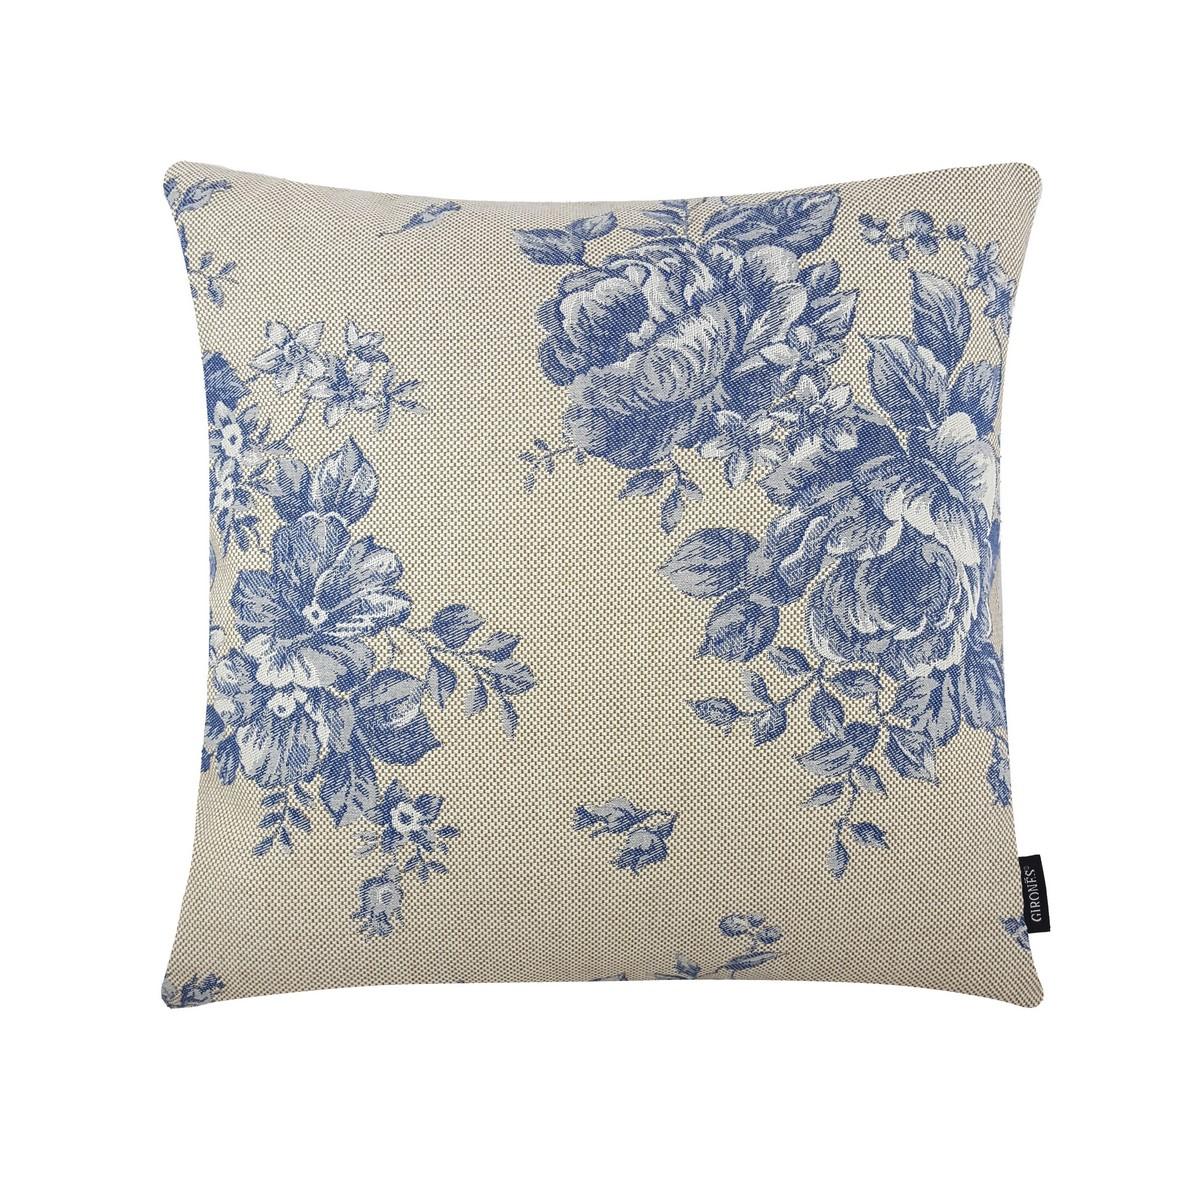 jacquard belle roses blue cushion cover. Black Bedroom Furniture Sets. Home Design Ideas